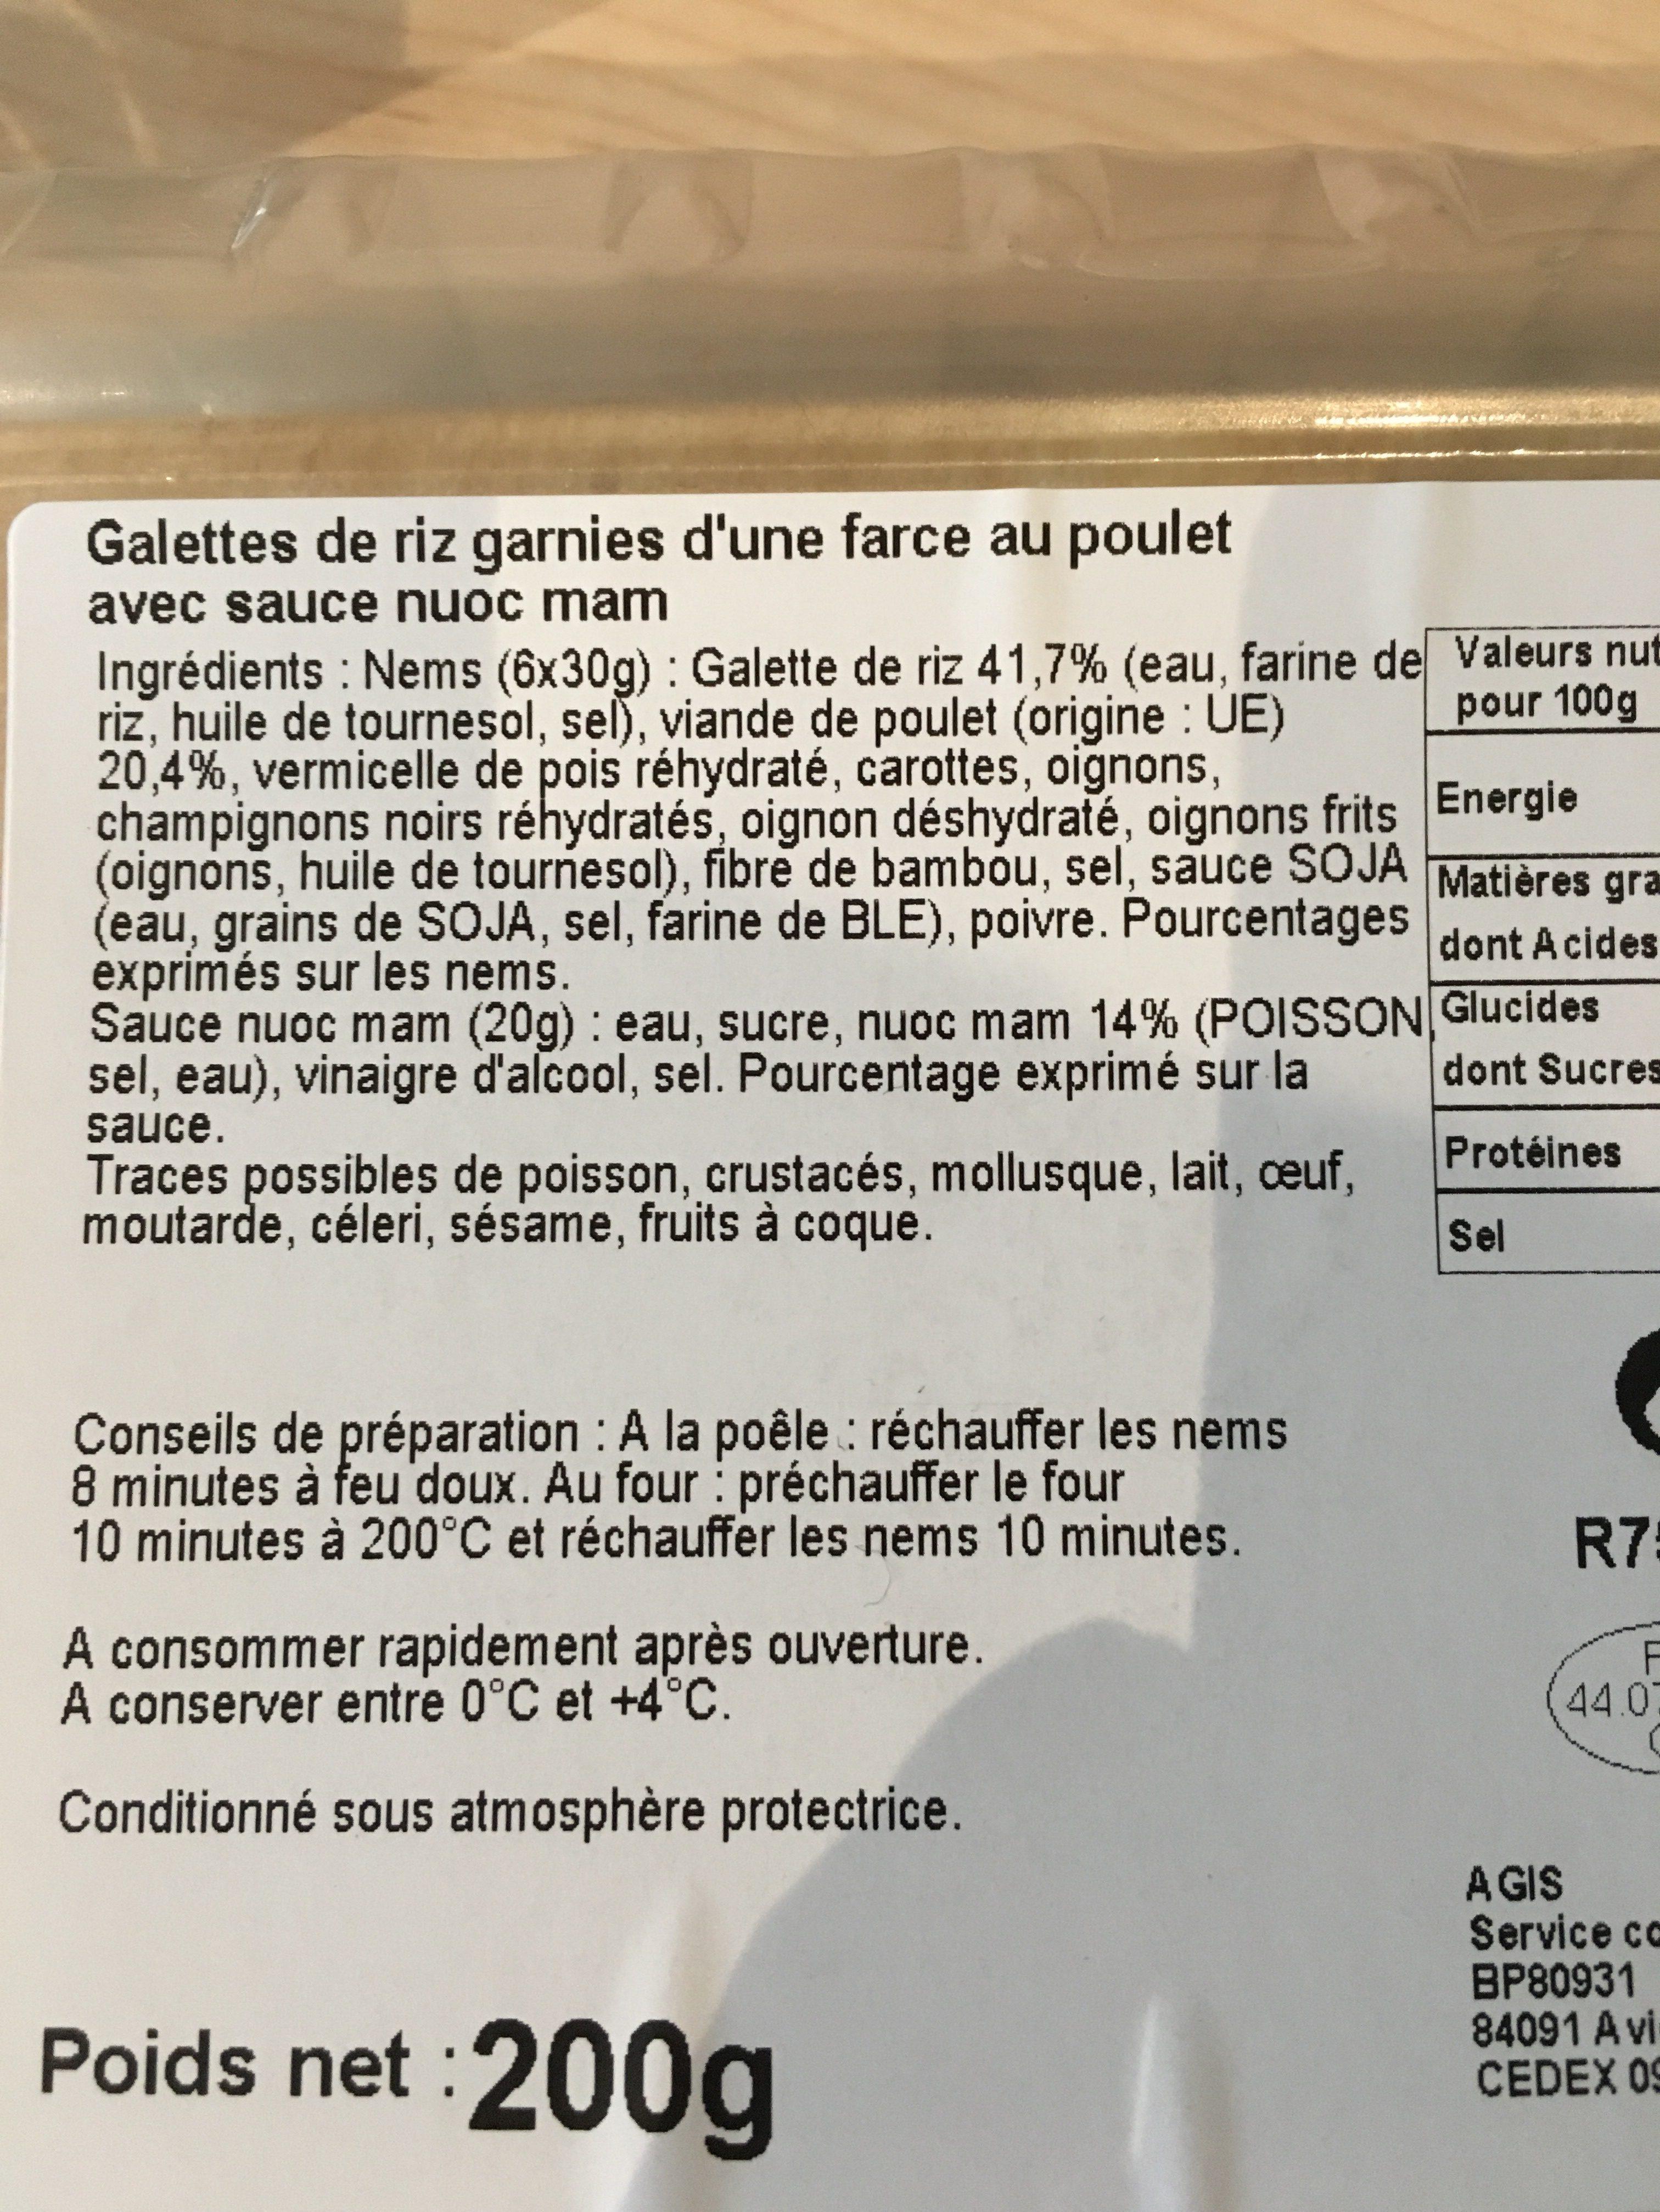 Mini nems poulet + sauce nuoc mam - Ingrédients - fr